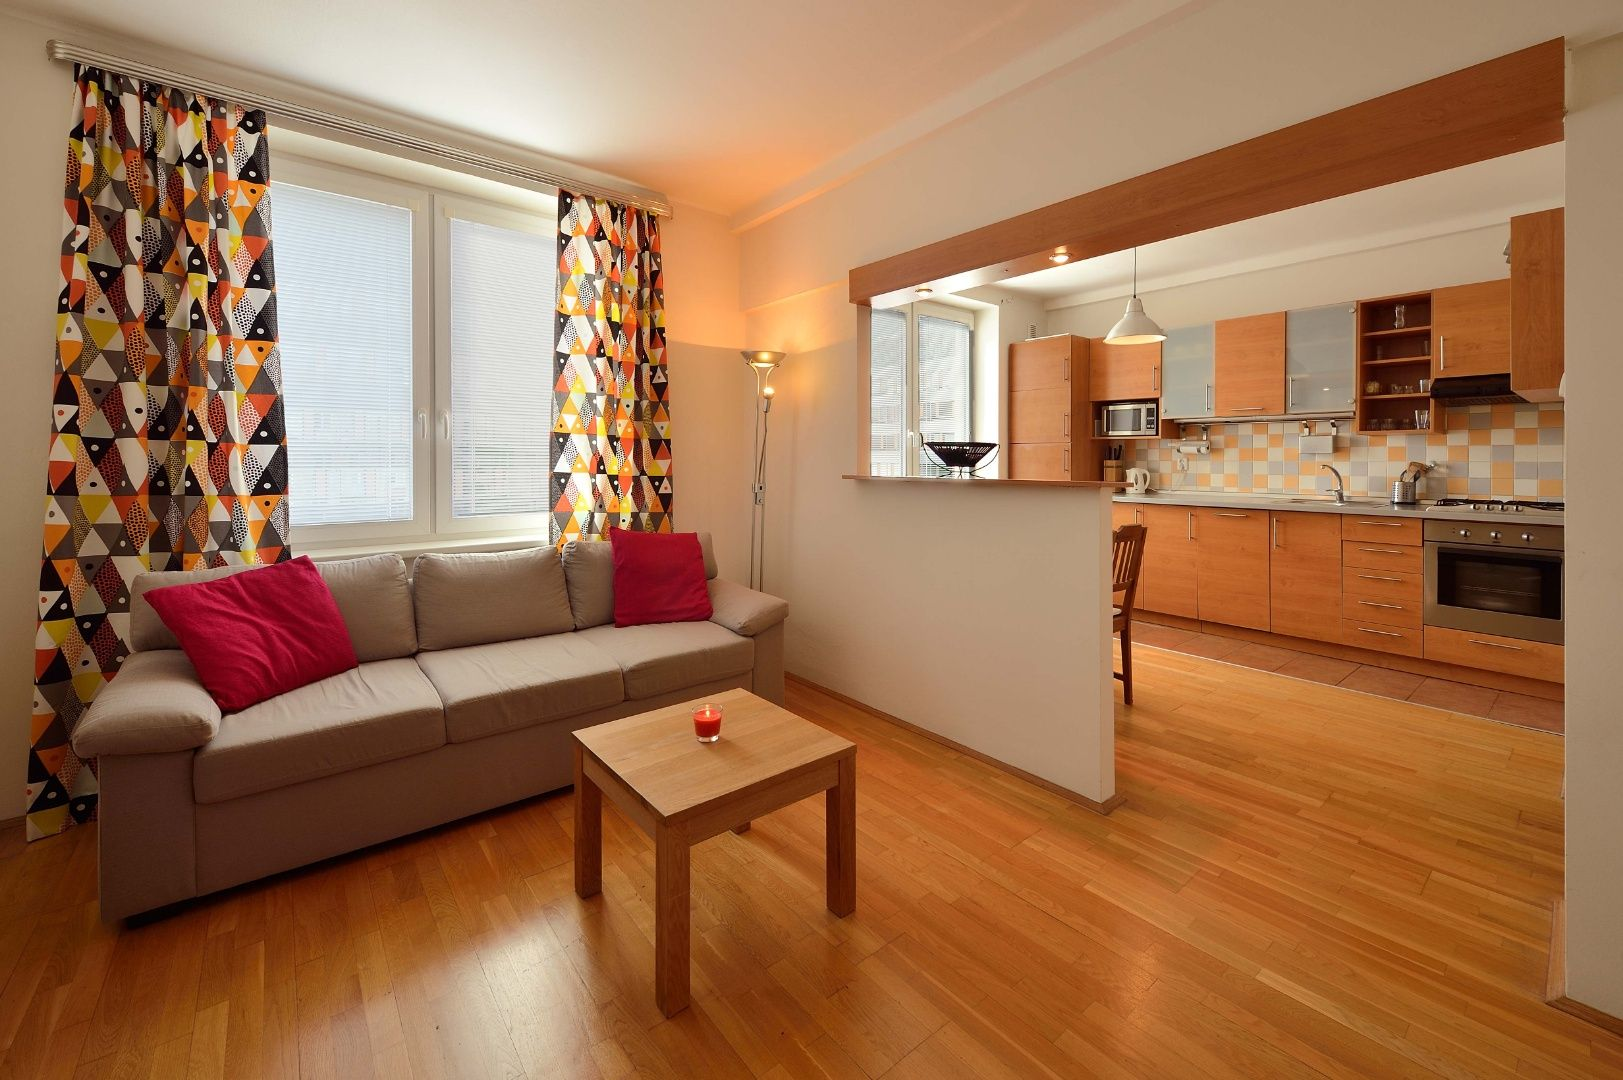 NA PRENÁJOM: Priestranný 2-izbový byt, Budovateľská ulica, Ružinov